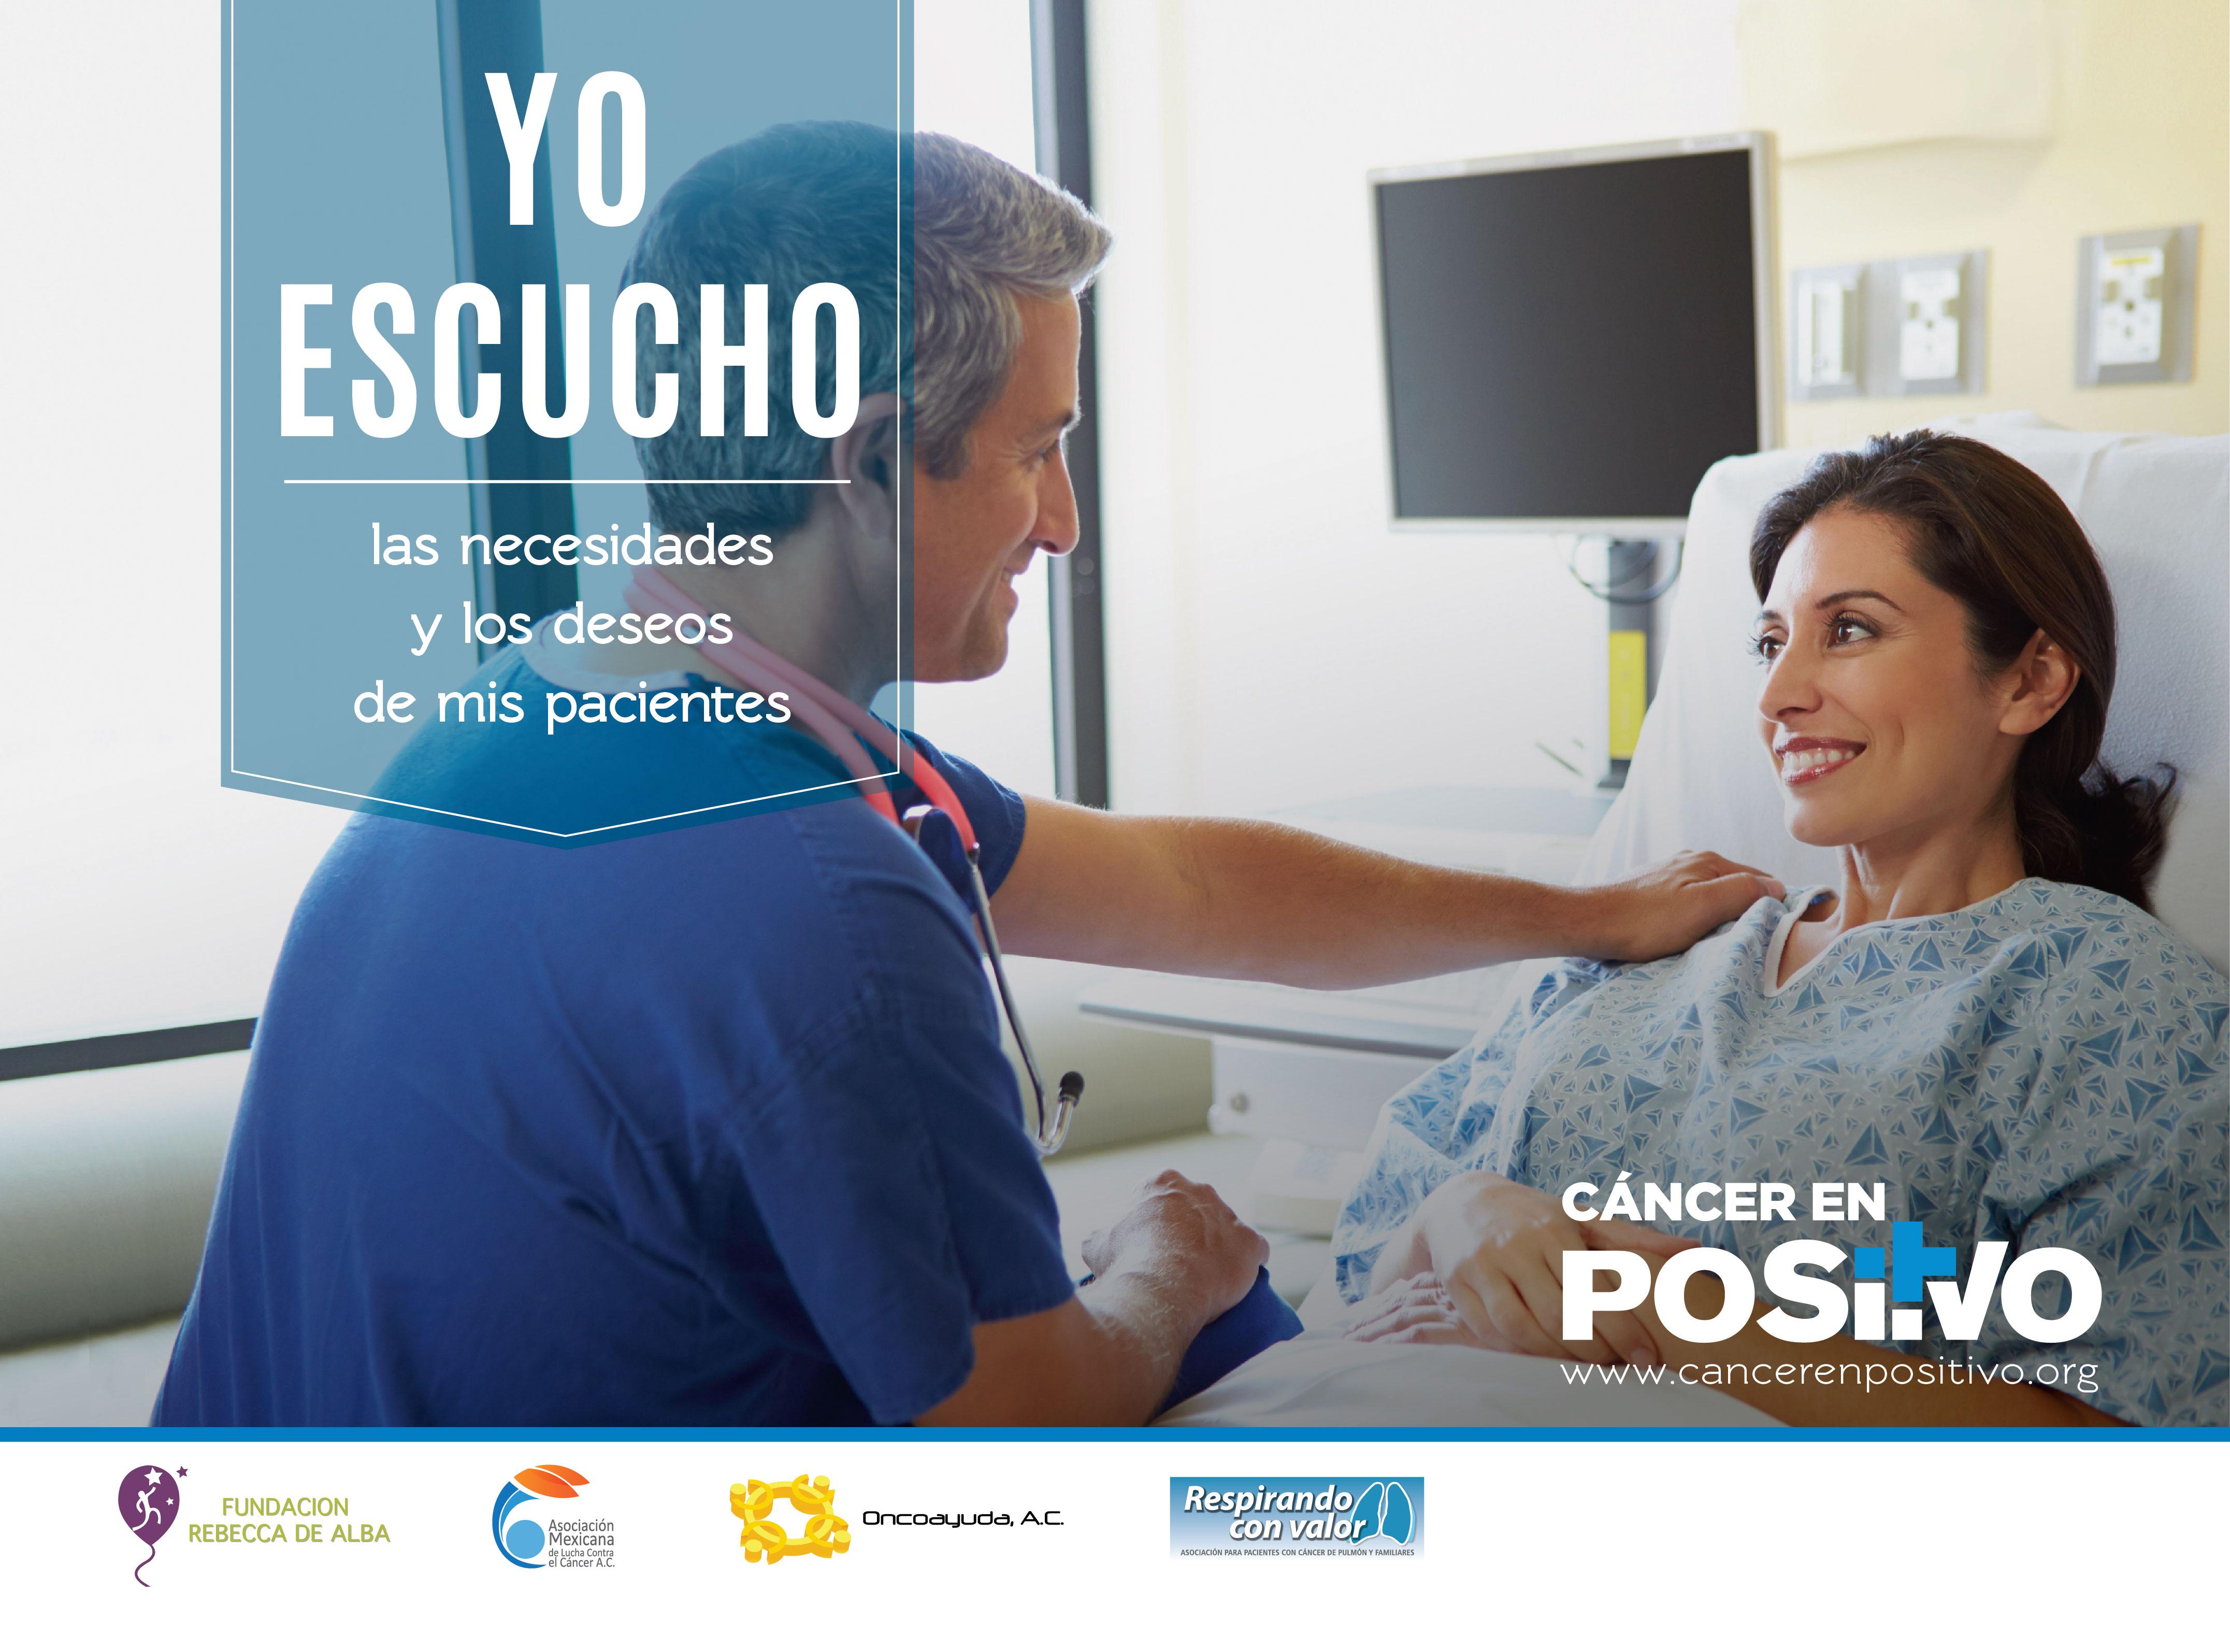 ONG lanzan campaña para cambiar percepción negativa del cáncer